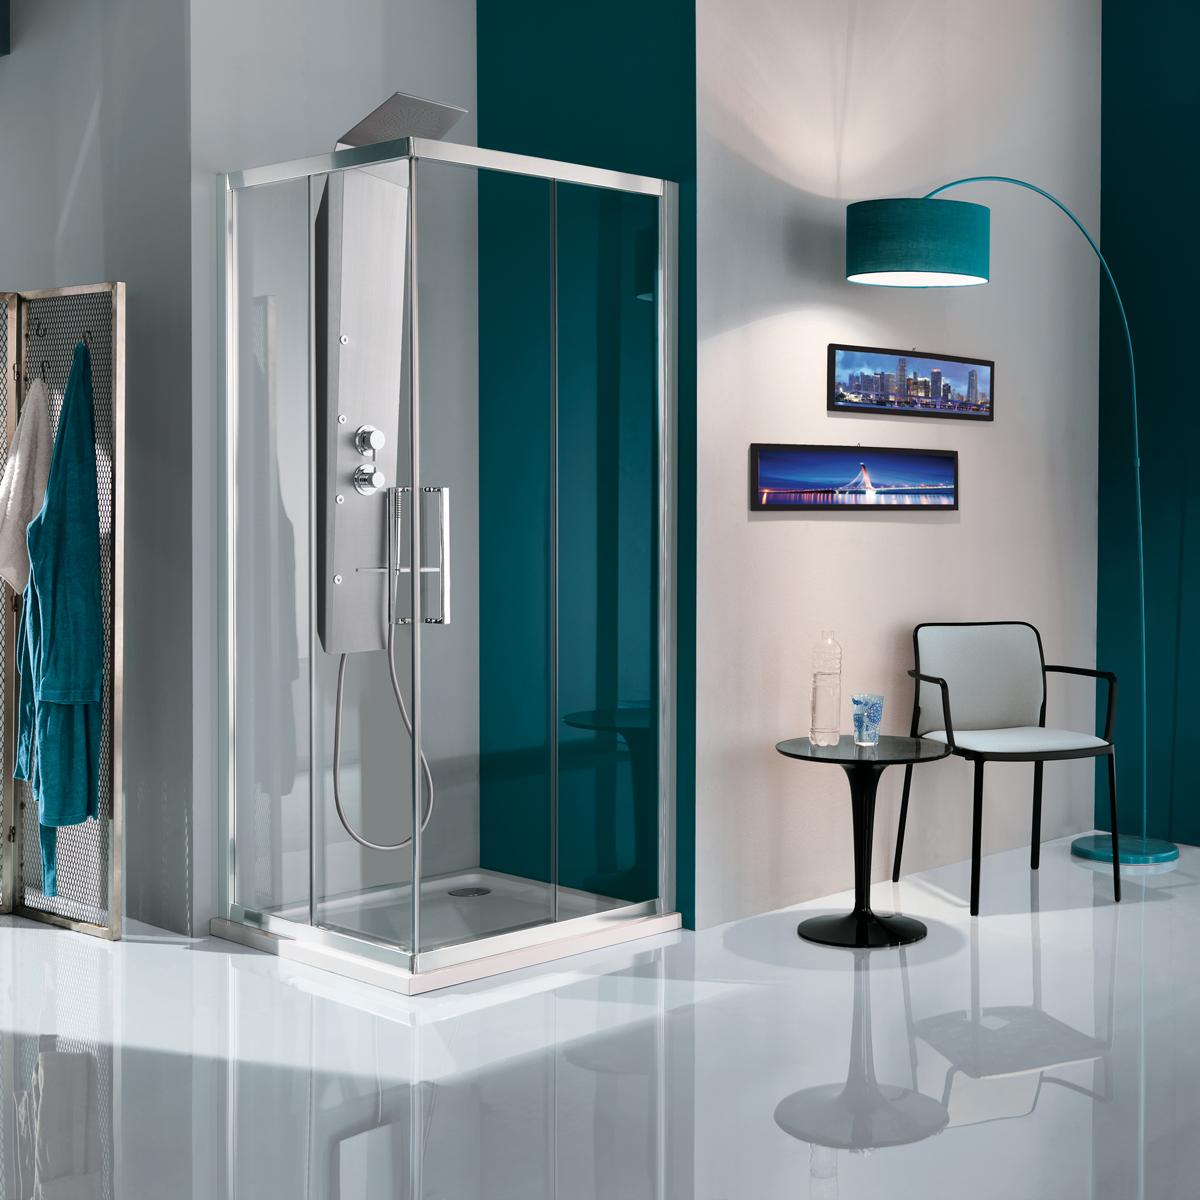 Modern Shower Design Ideas Glamspaces - Shower-design-ideas